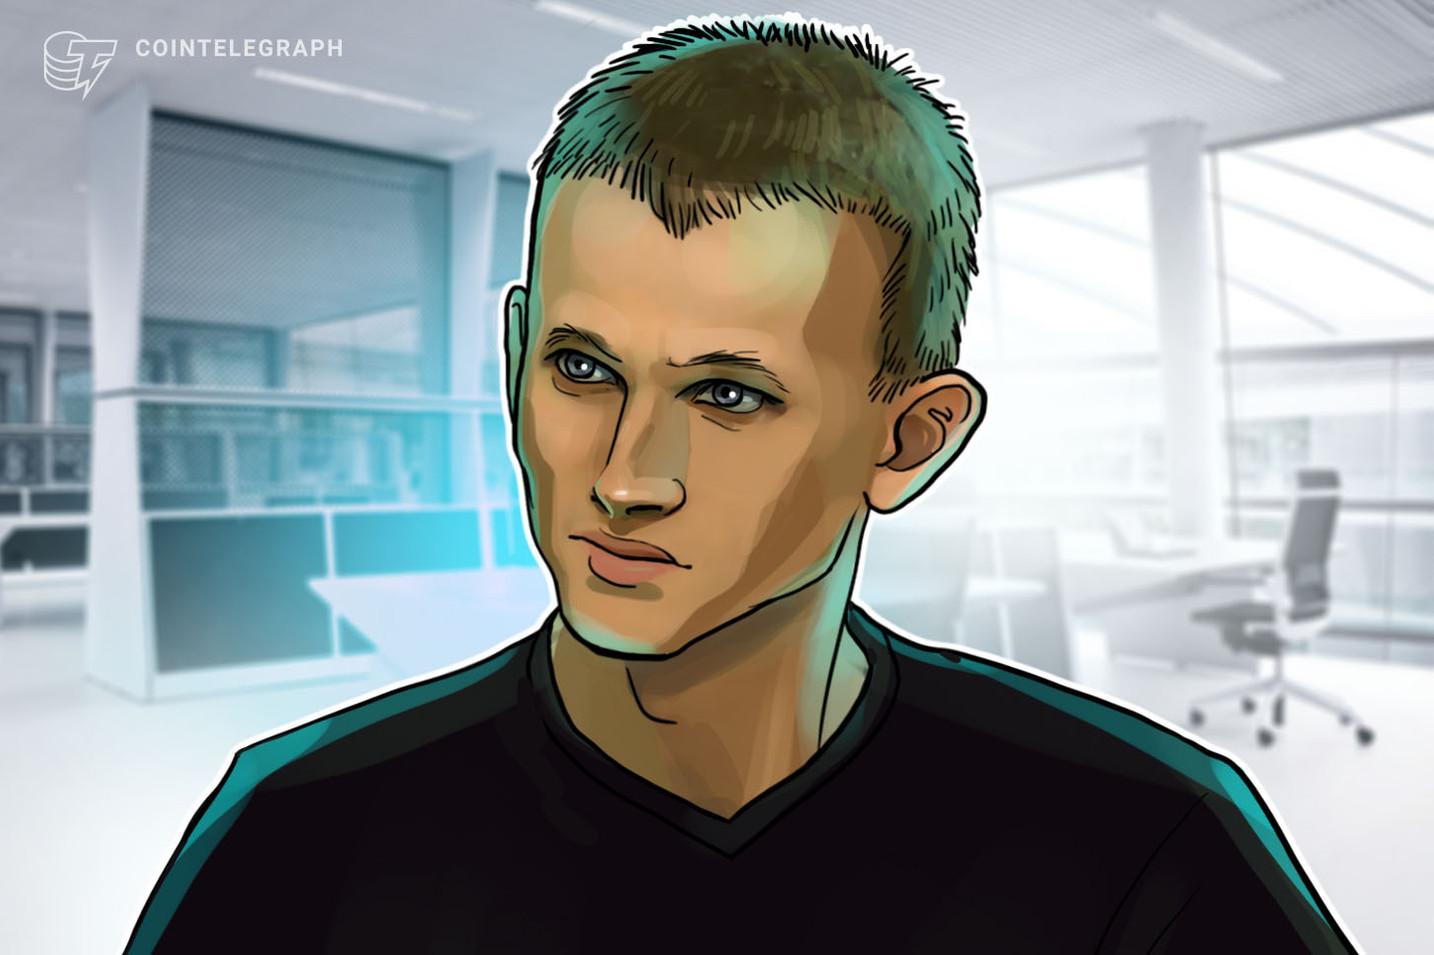 Ethereum debe innovar más allá de las DApps para los degens de DeFi, afirma Vitalik Buterin